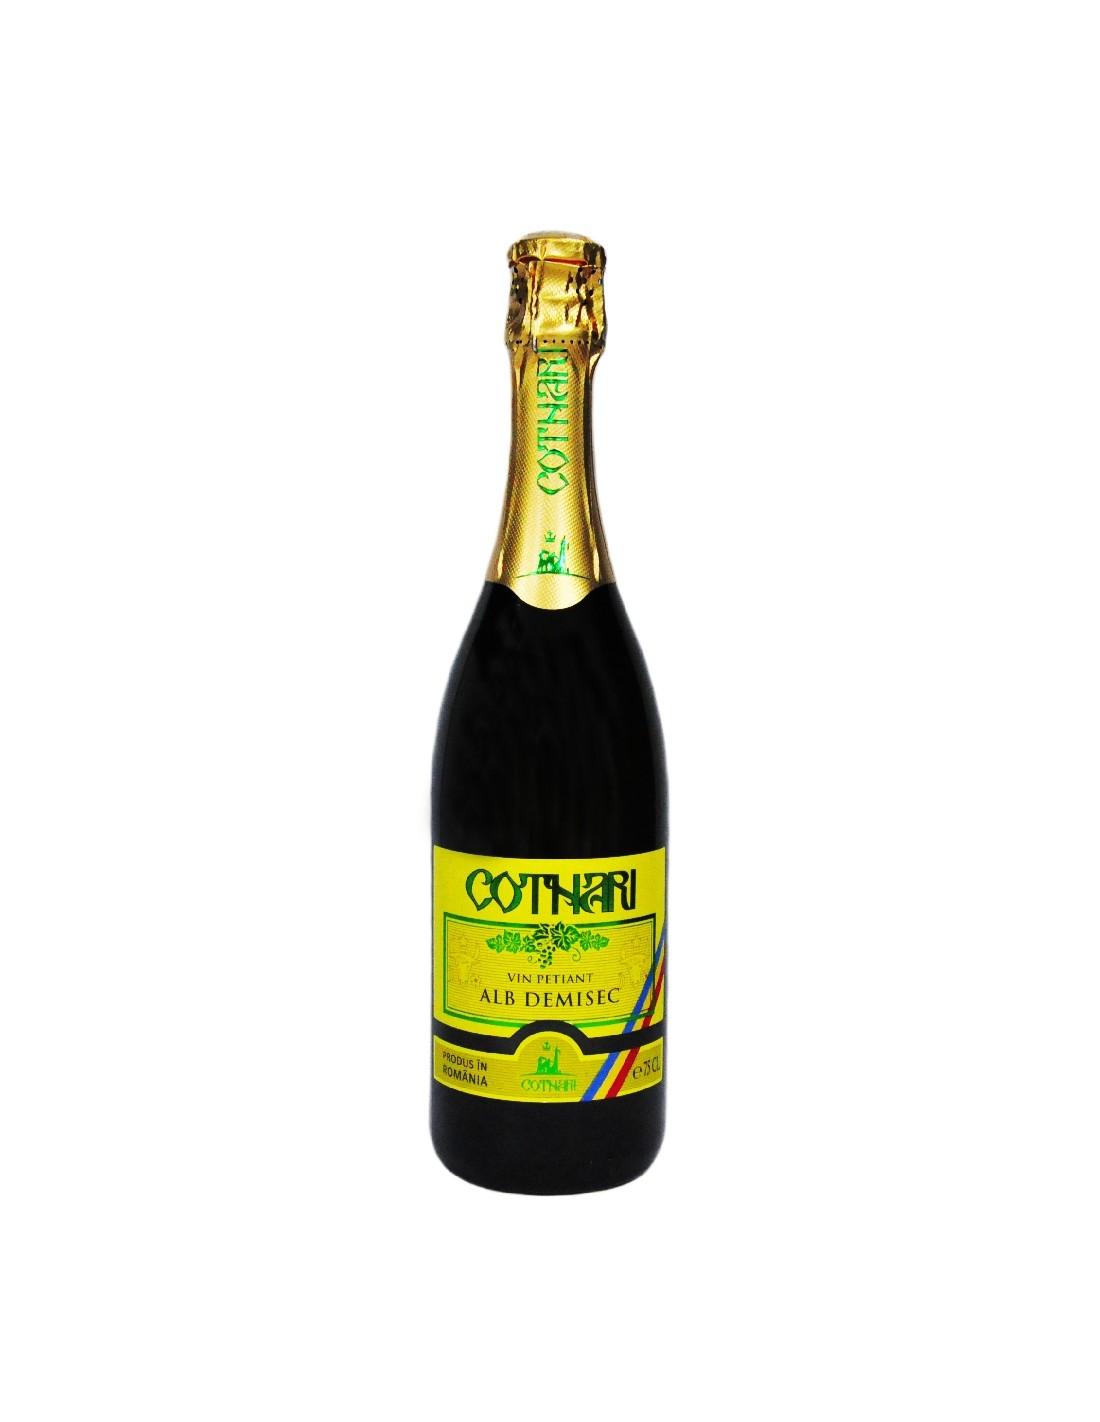 Vin petiant alb demisec Cotnari, 11% alc., 0.75L, Romania